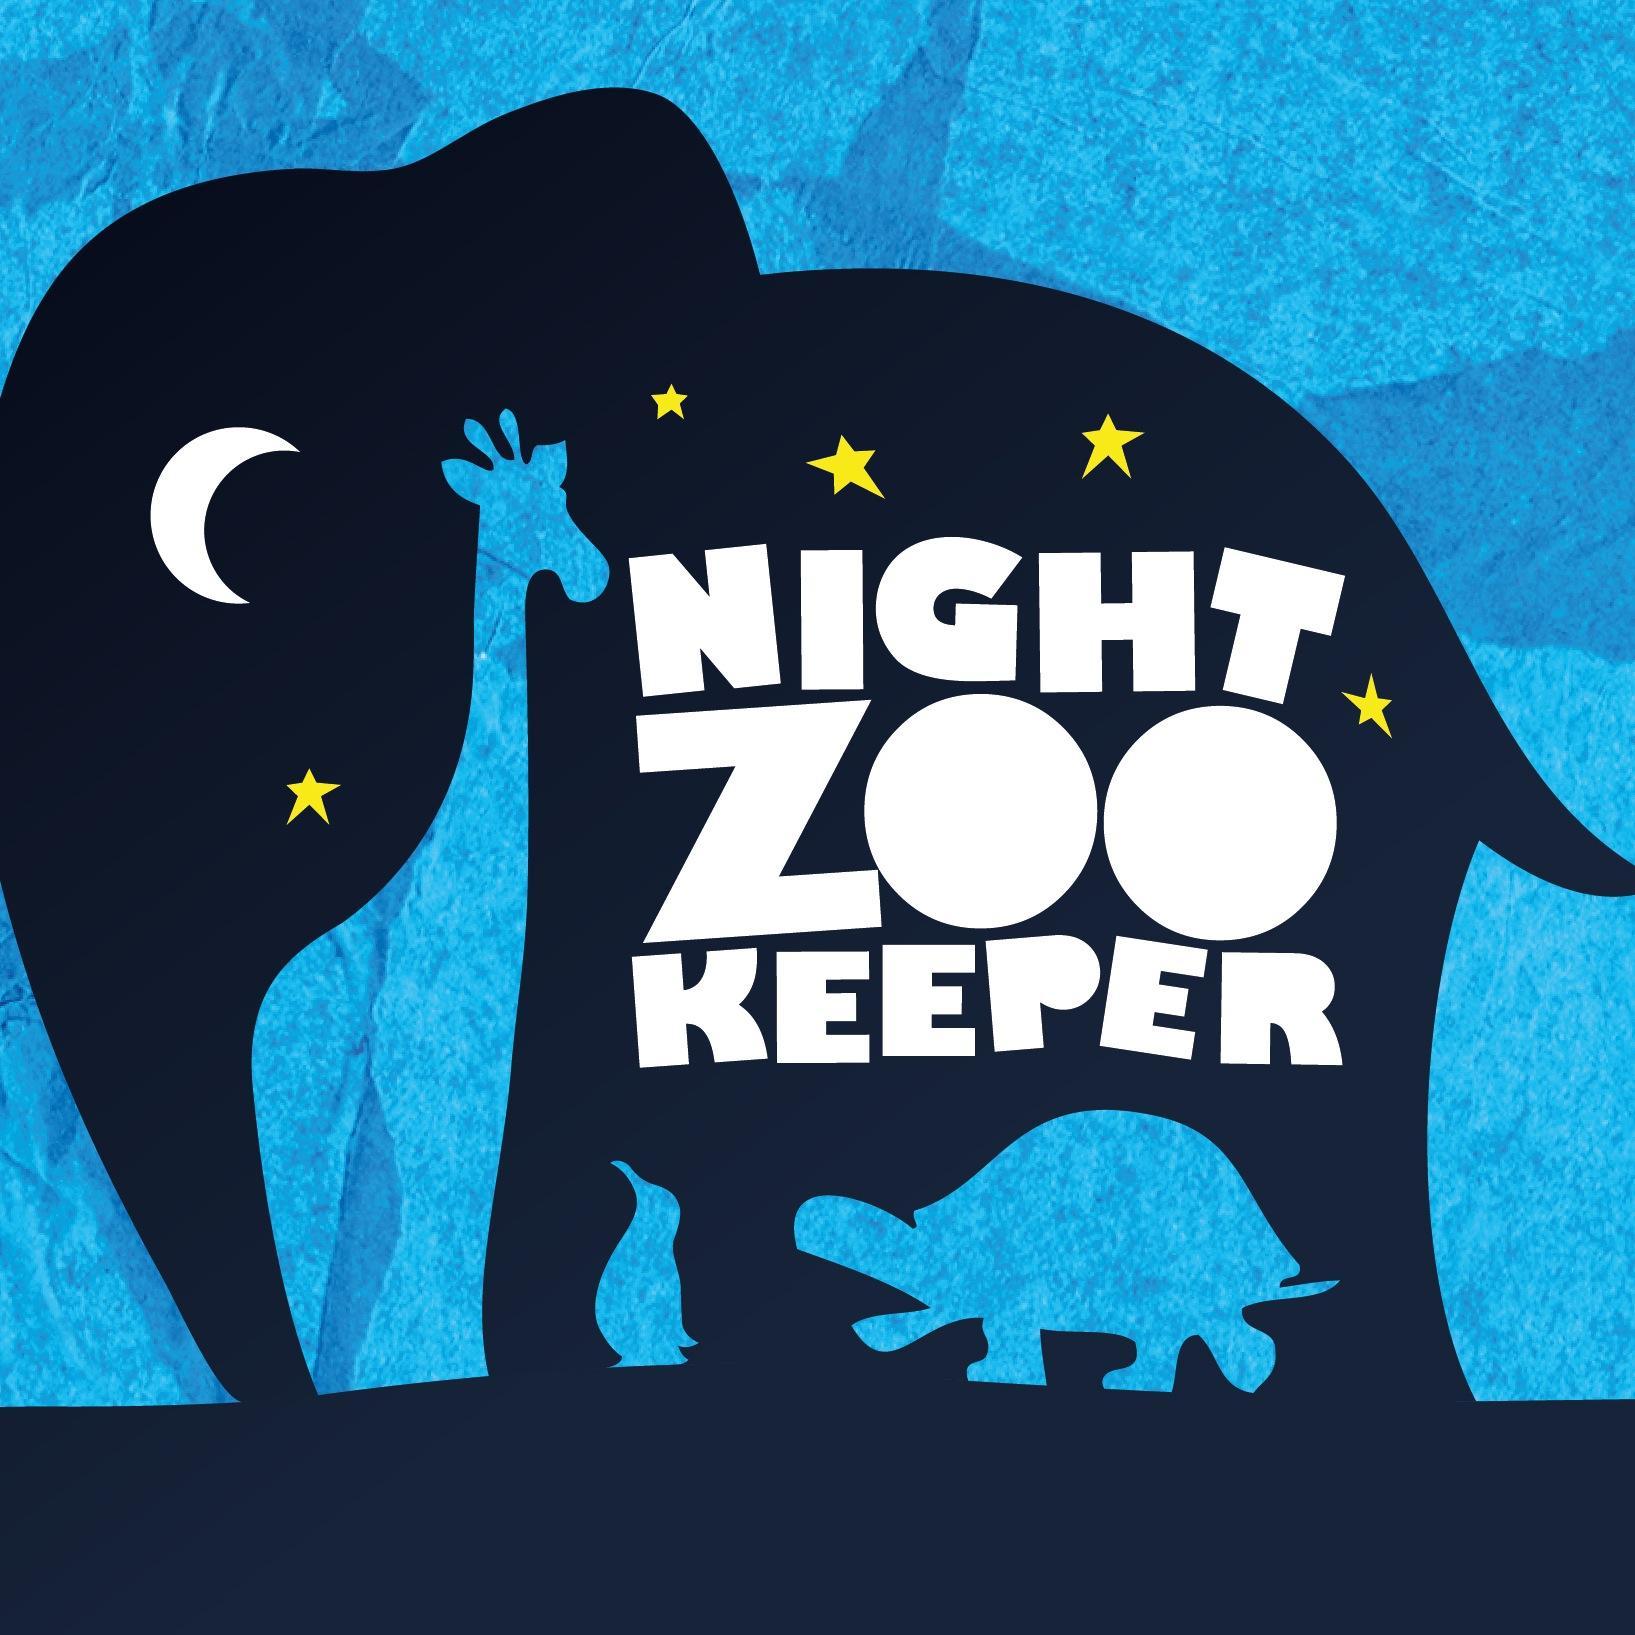 @nightzookeeper